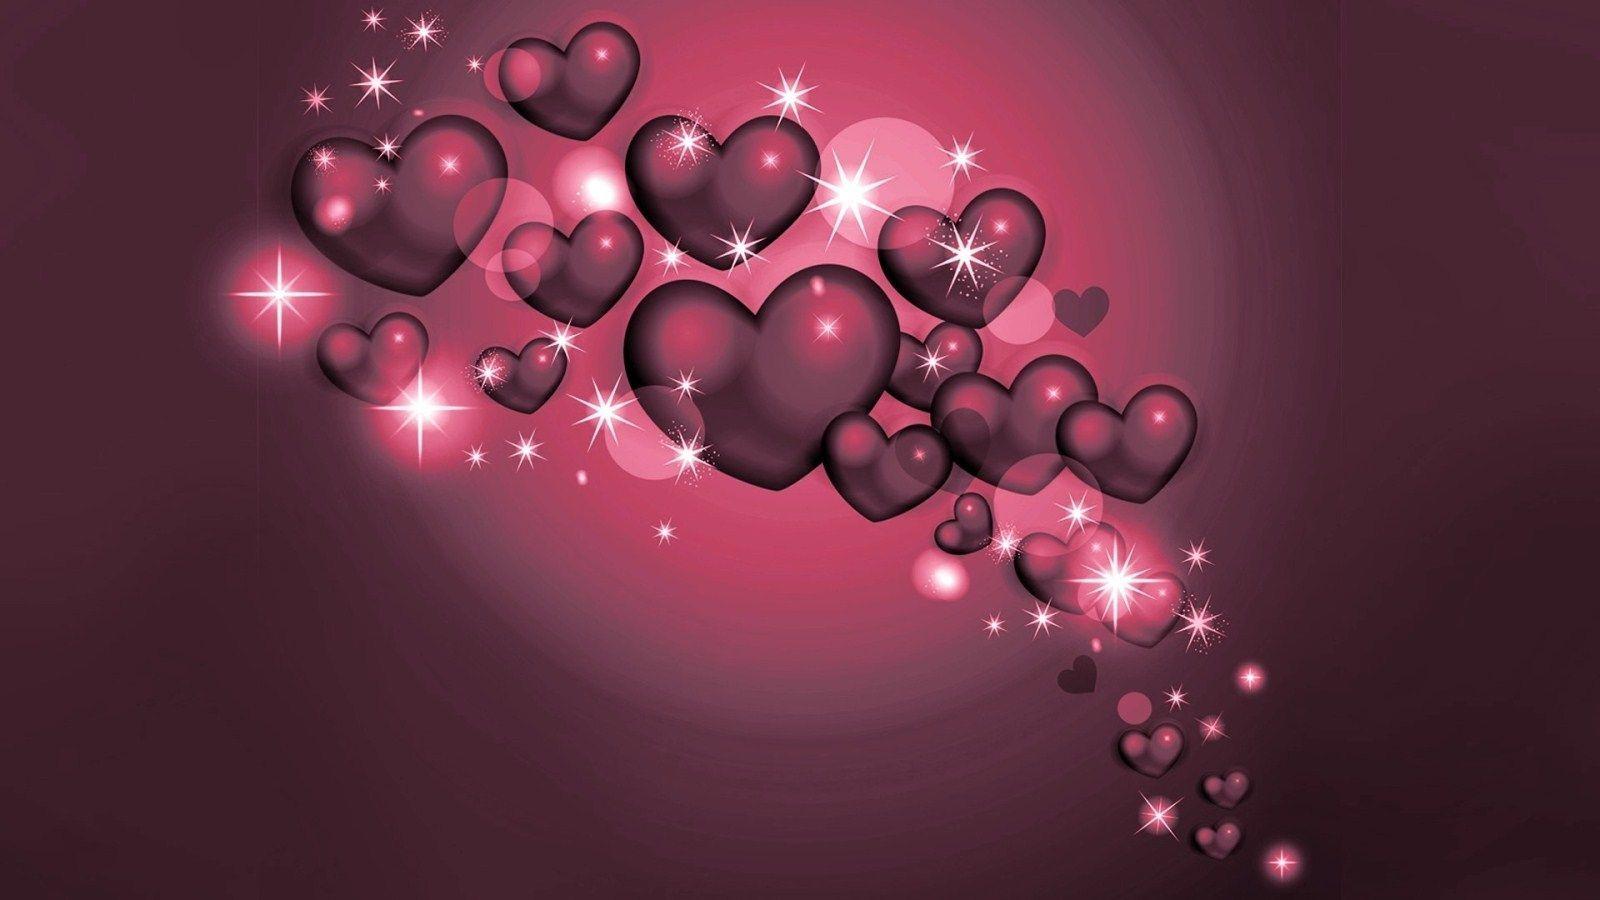 Love Heart Wallpaper 12   [1600x900] 1600x900